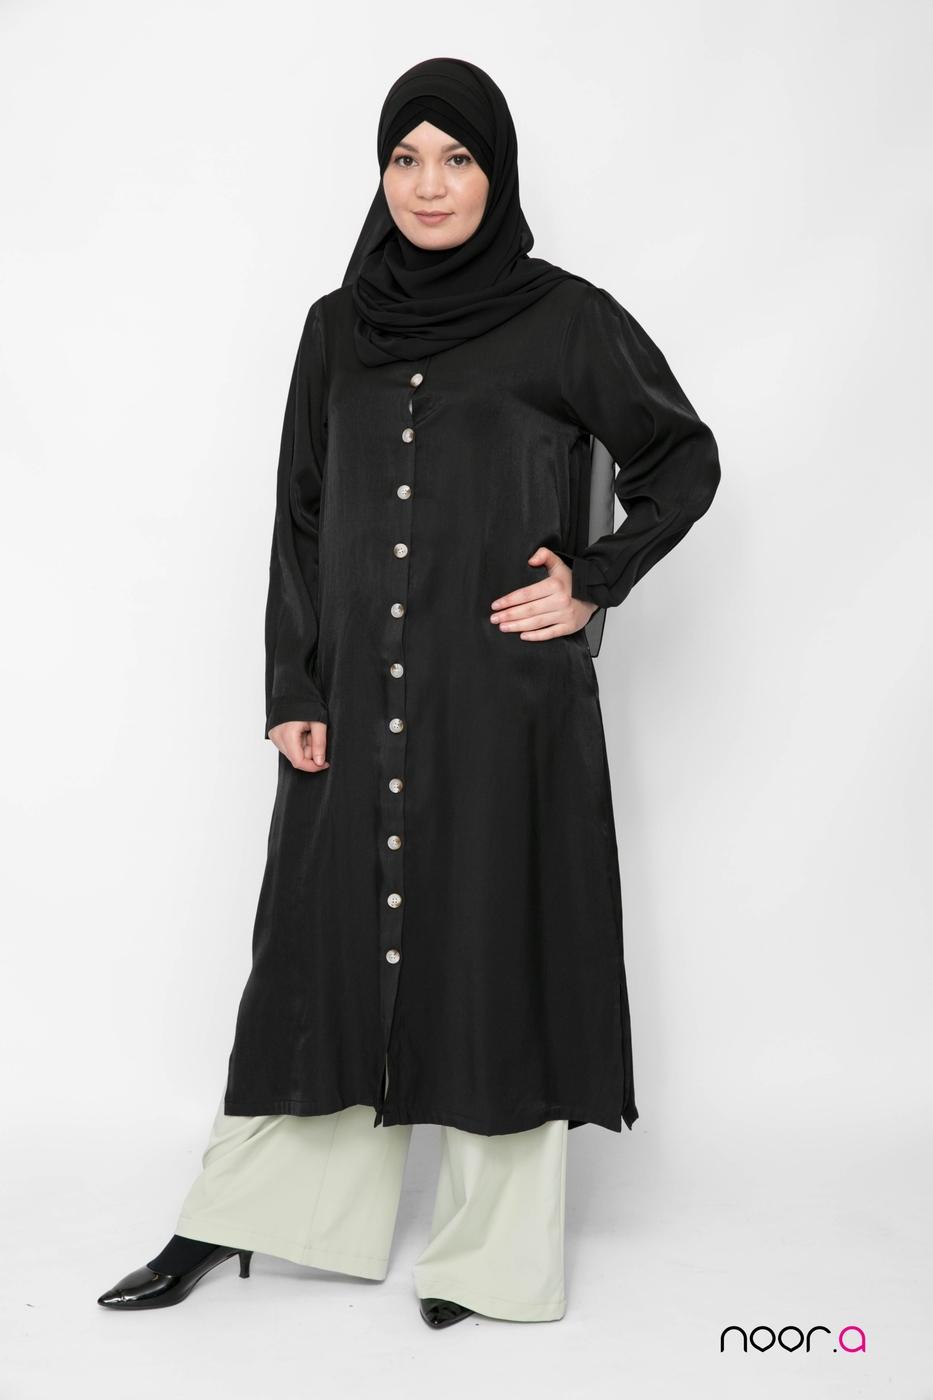 tunique-longue-pour-hijab-noire-satinée-pantalon-large-vert-clair-hijab-mousseline-luxe-noir (2)